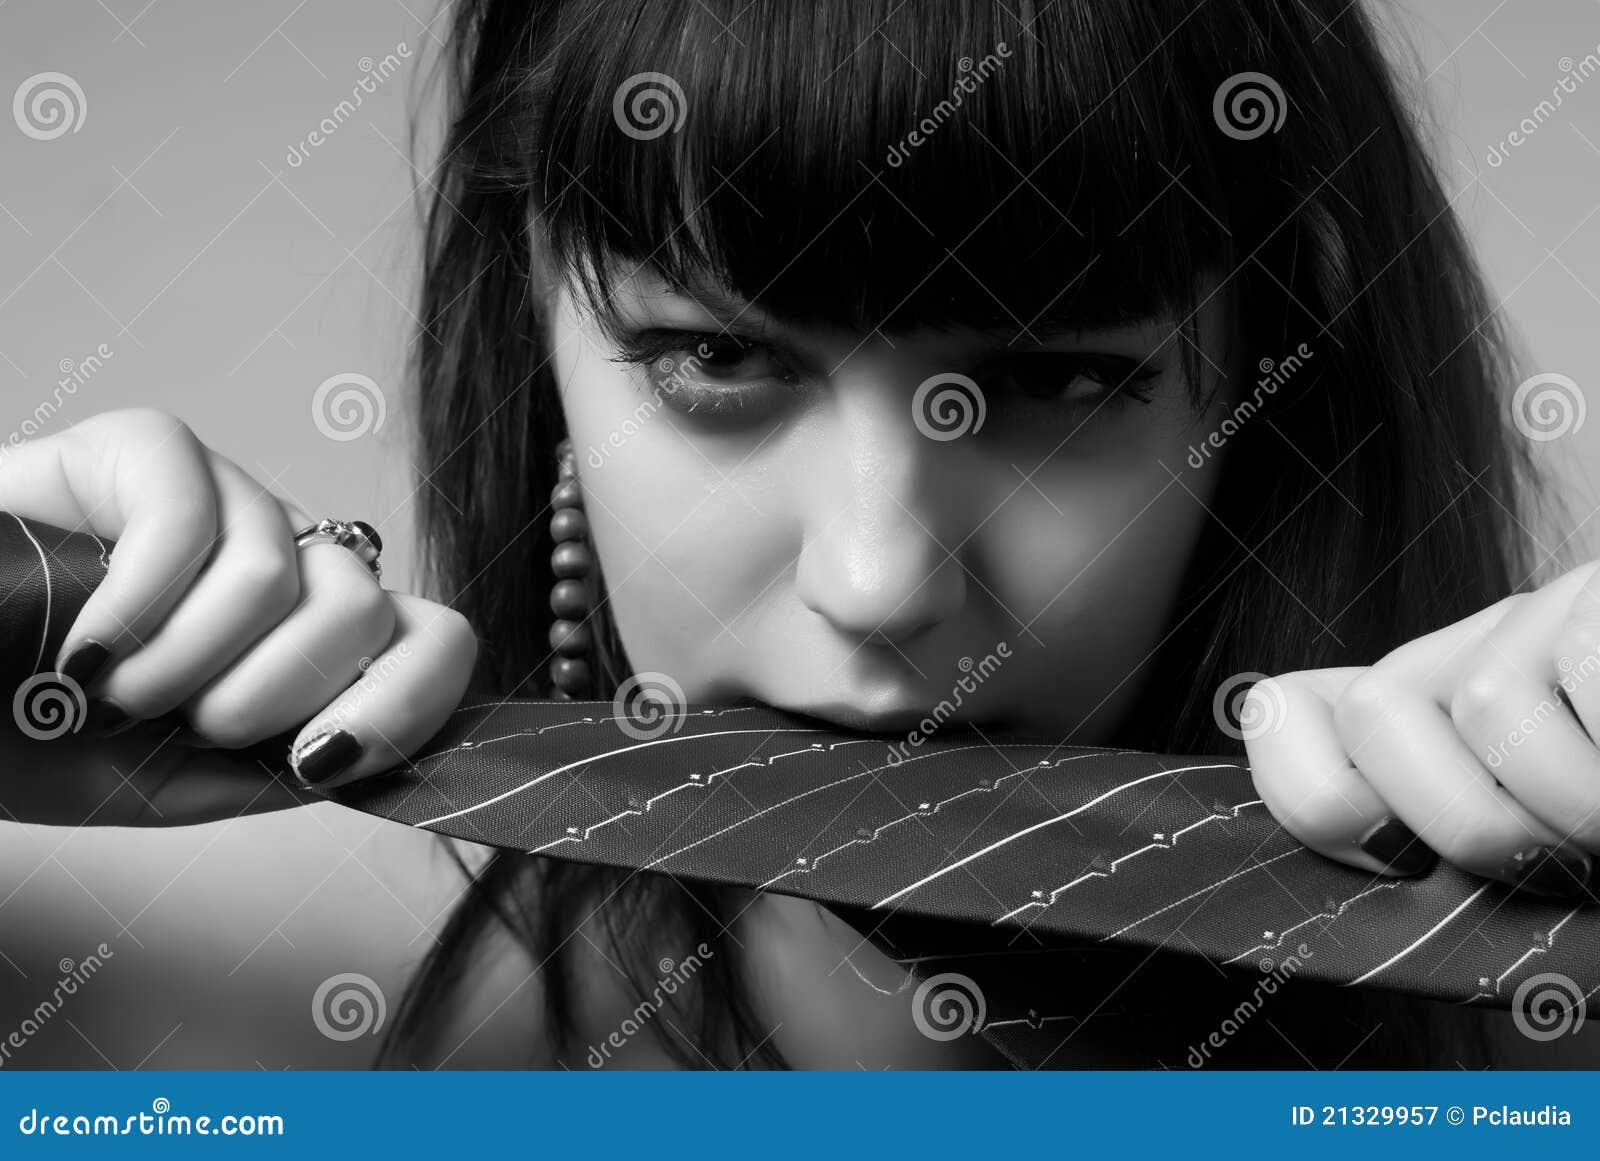 Mulher com laço